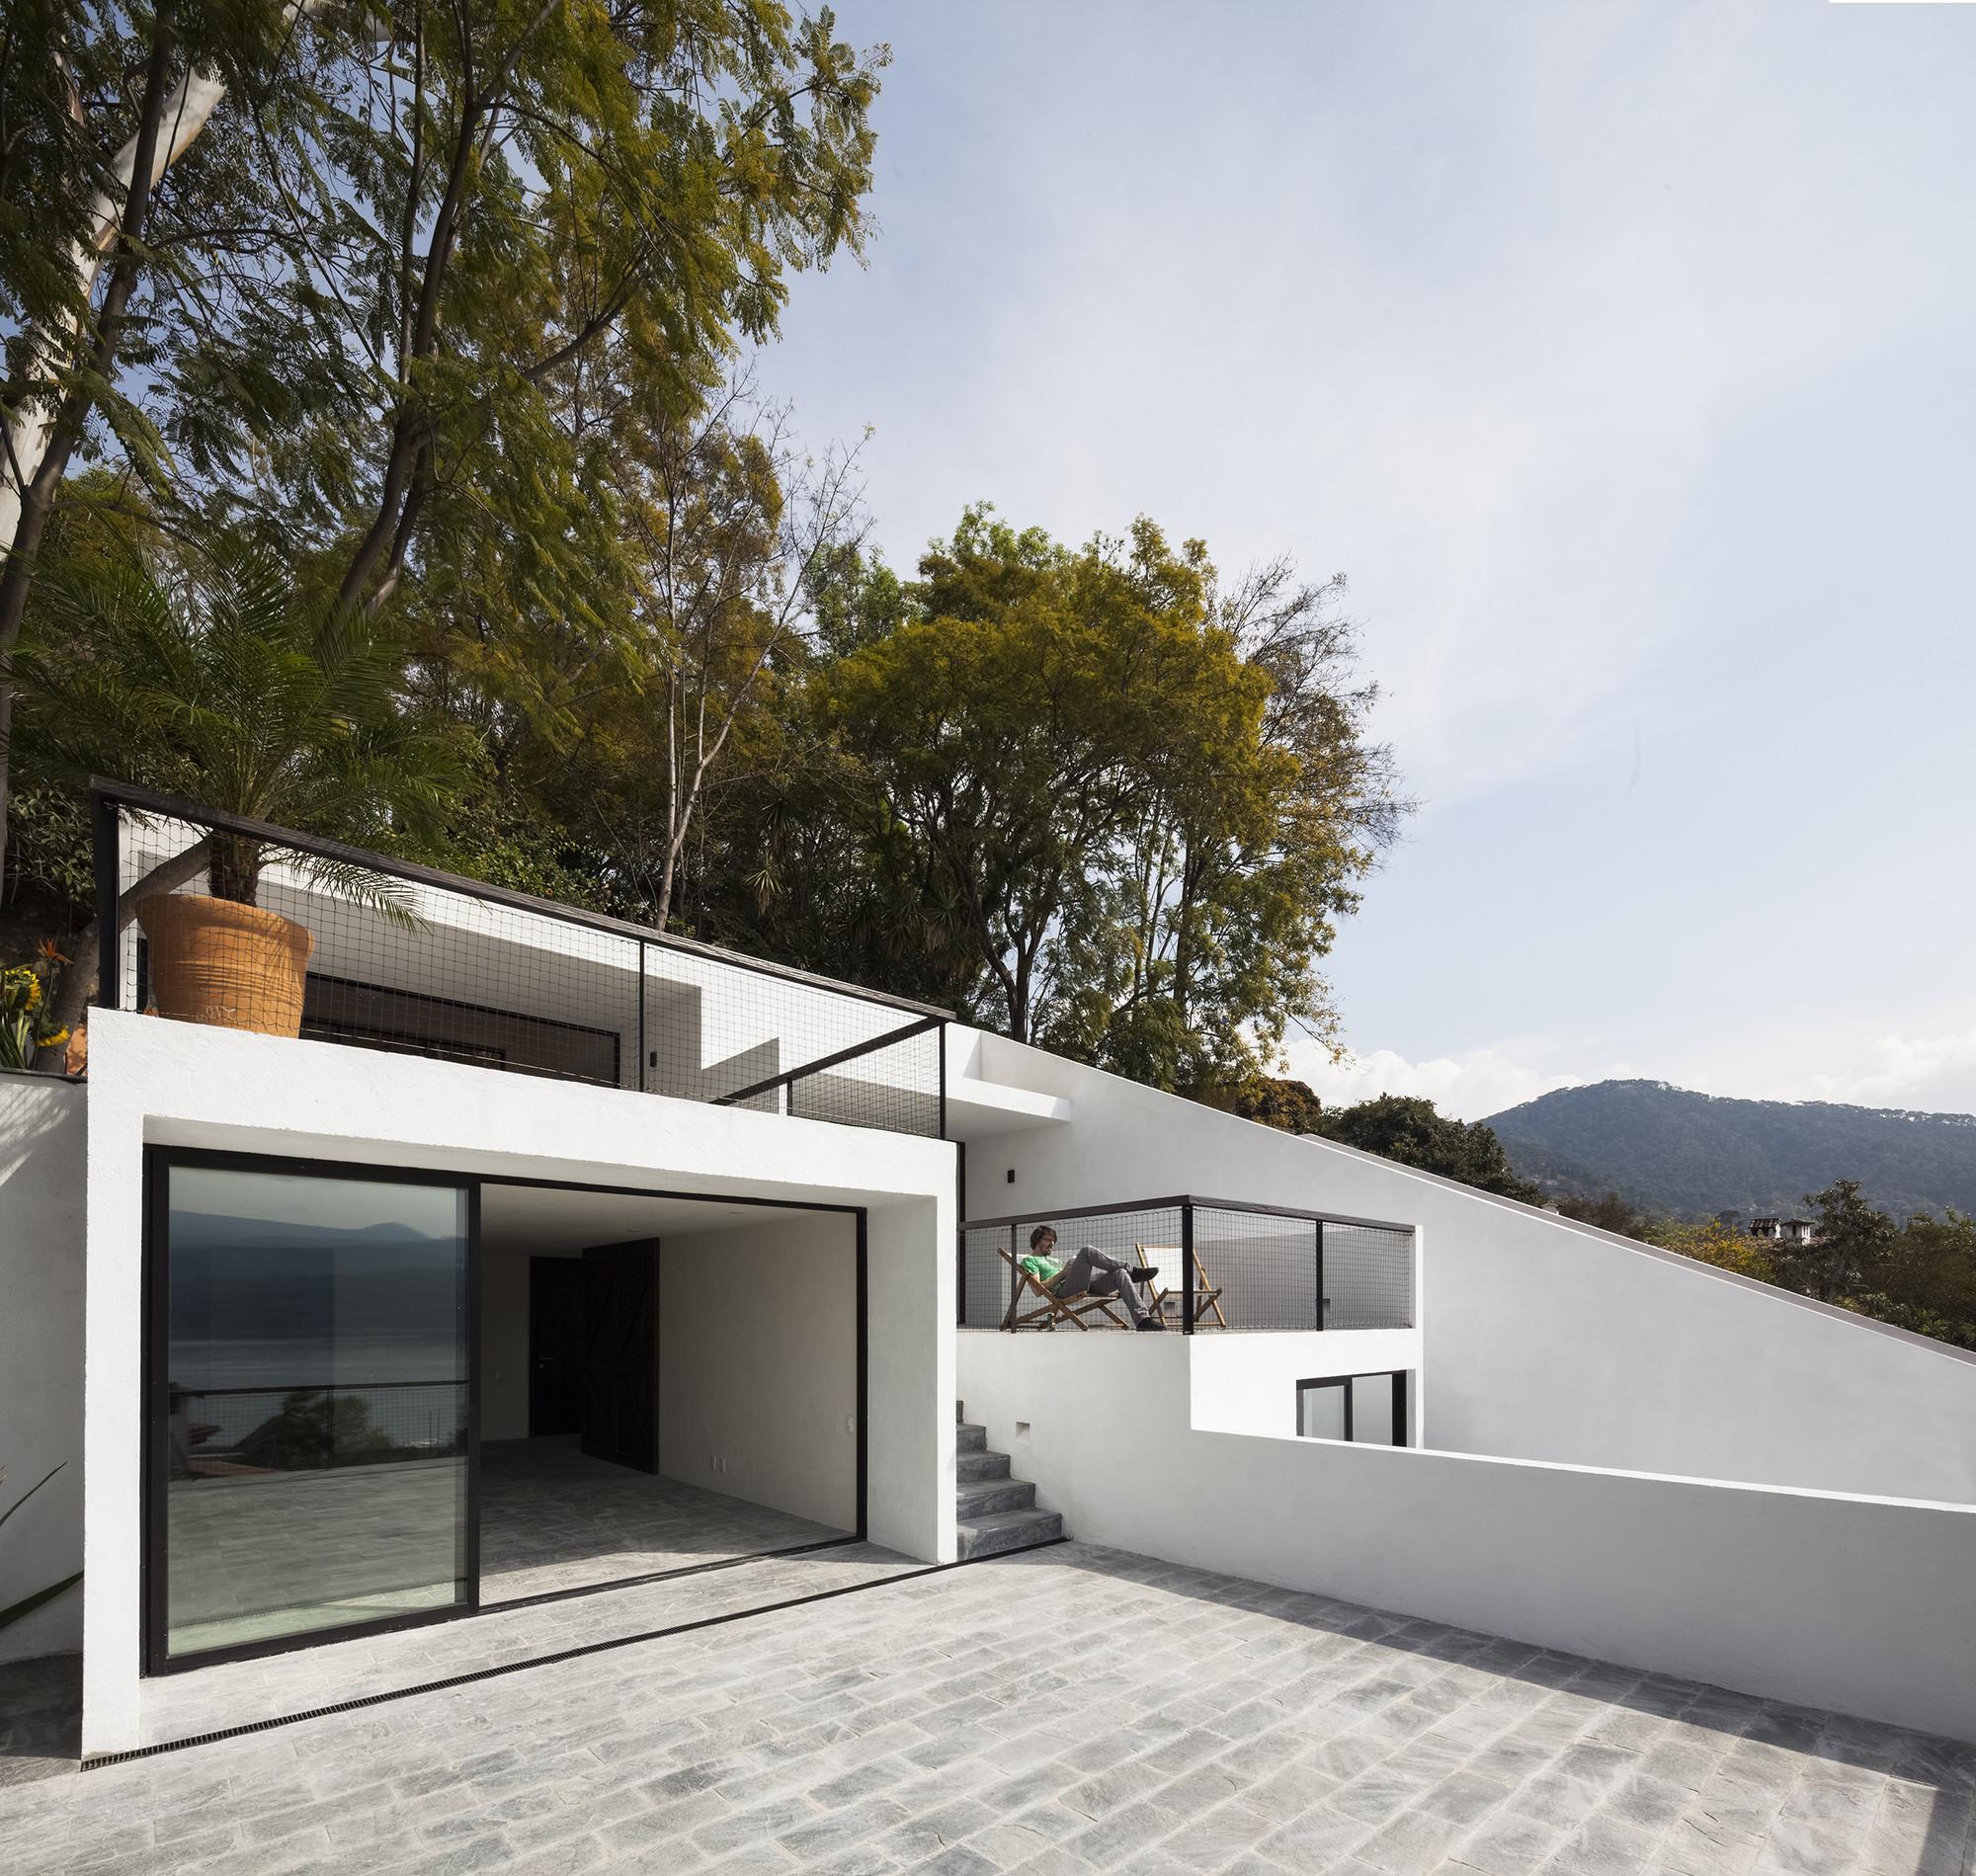 Galeria de casas mestre dellekamp arquitectos 9 - Cm arquitectos ...